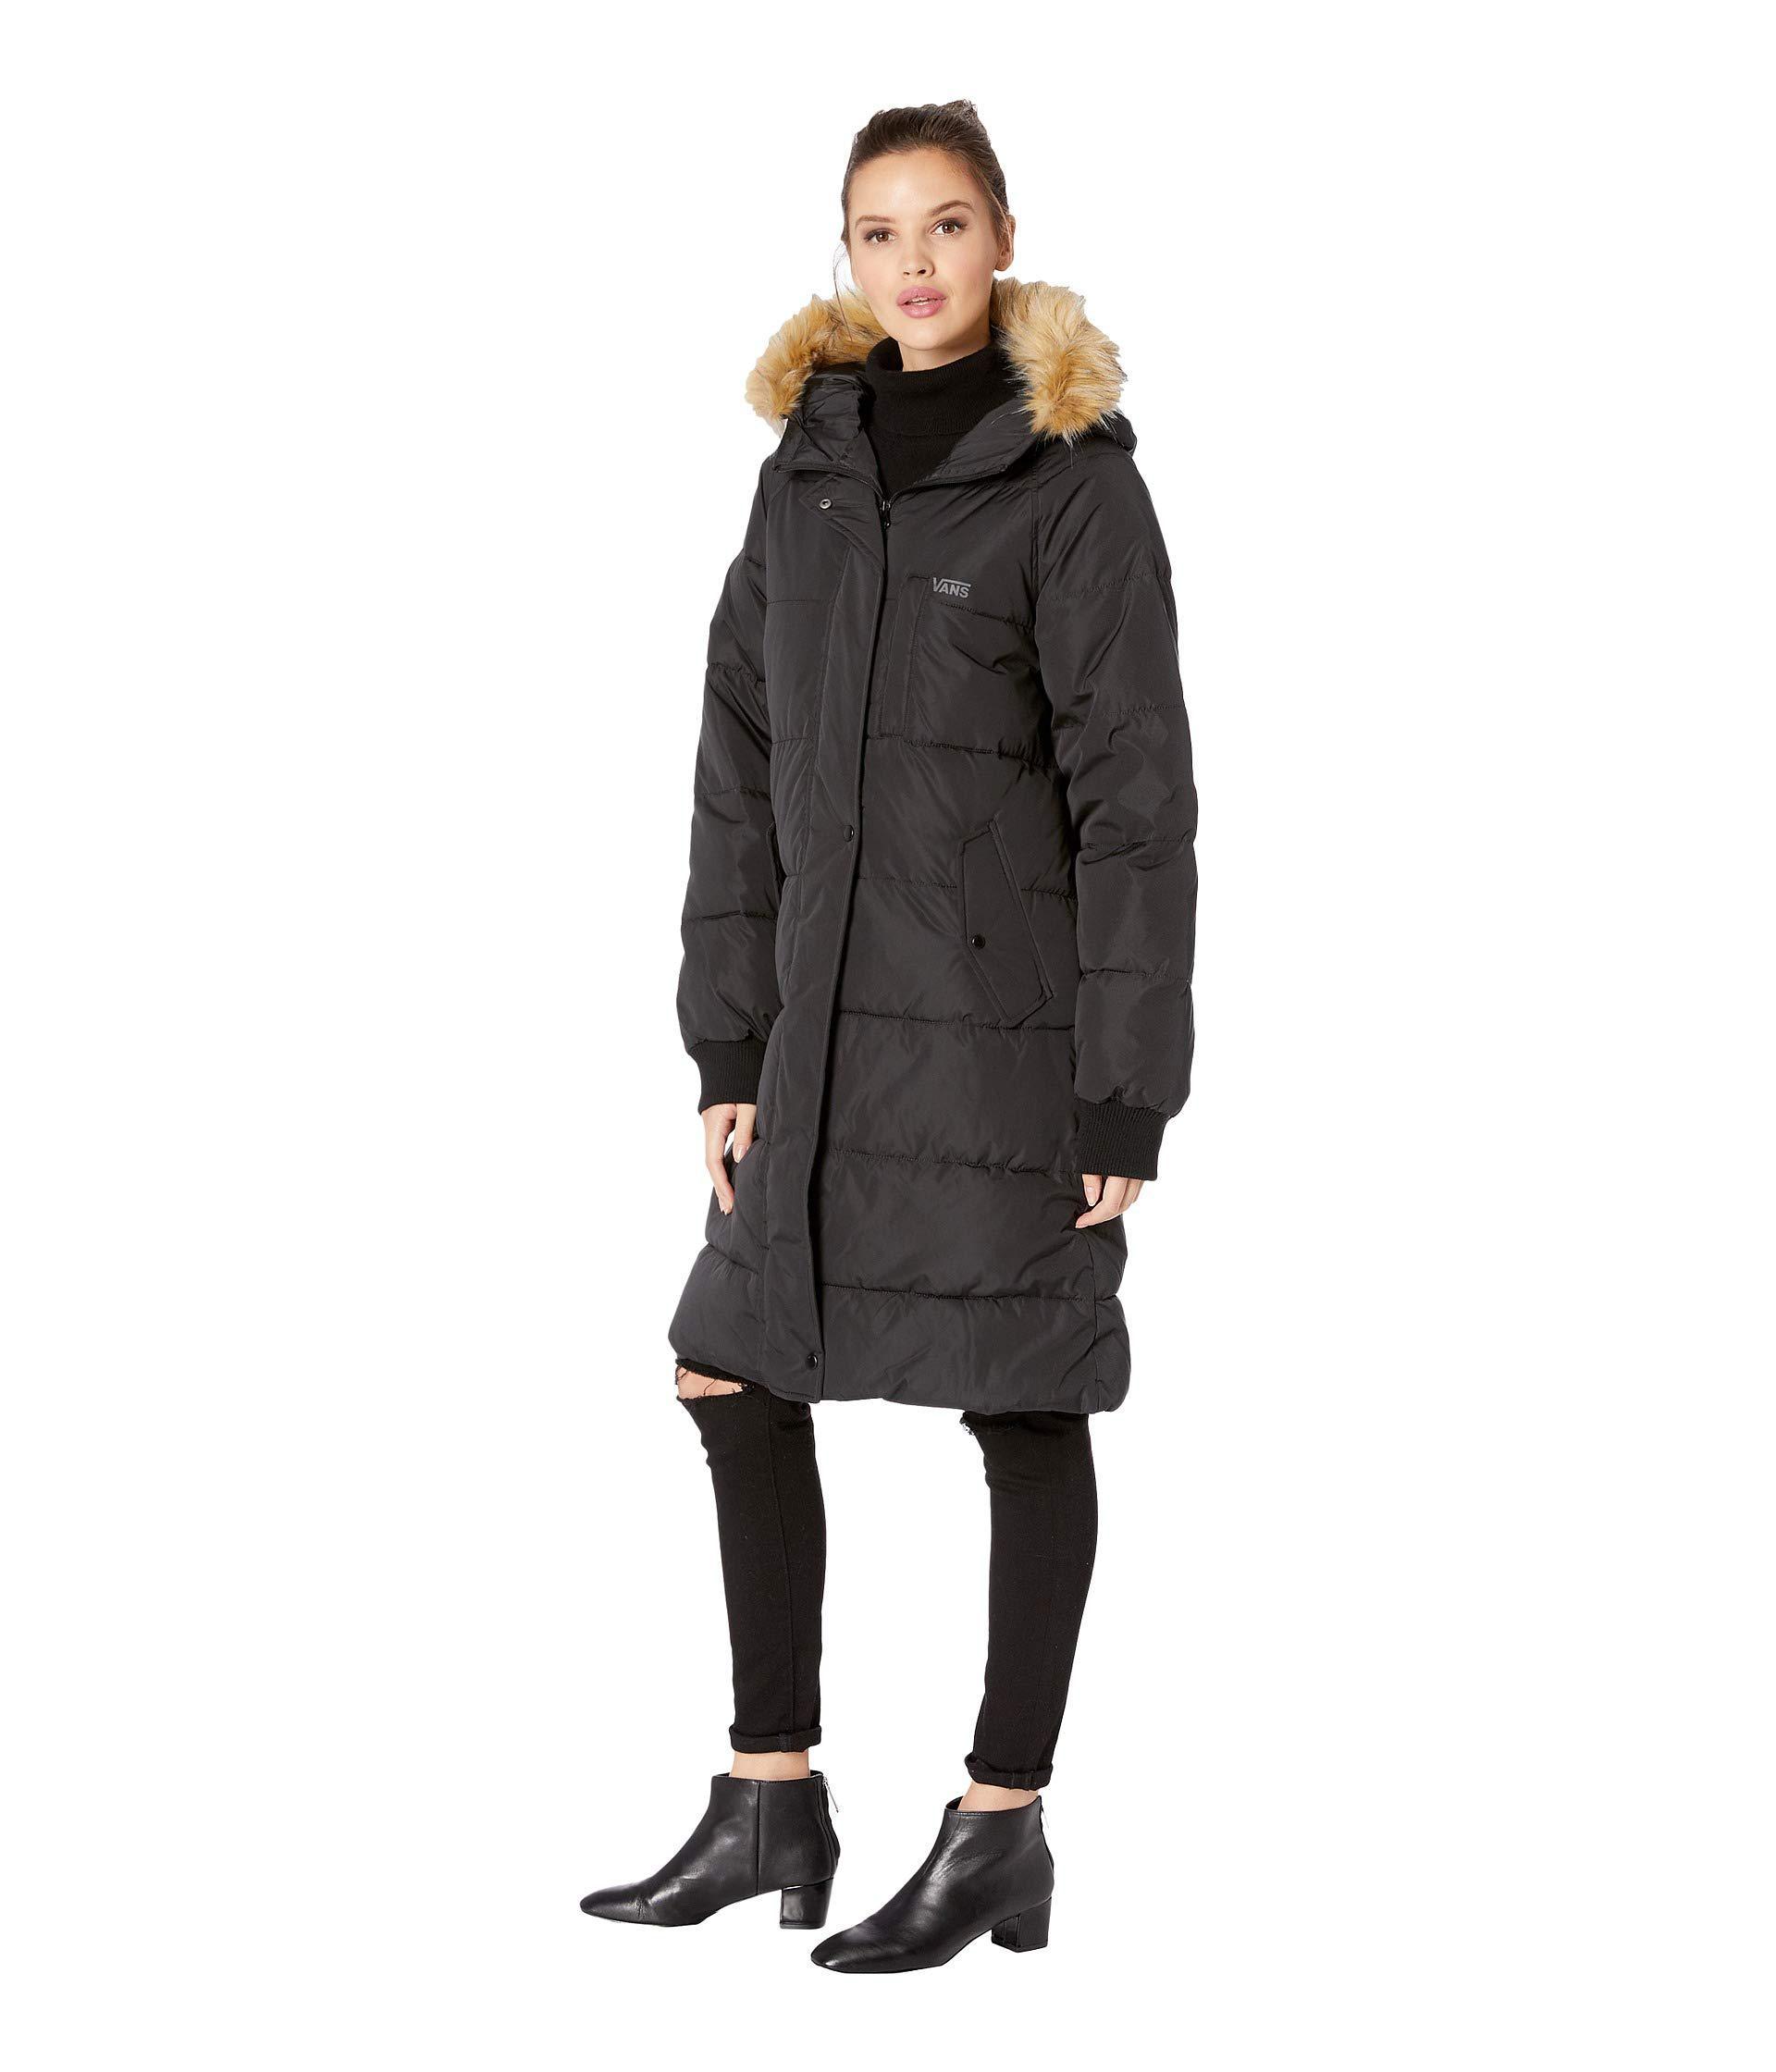 a18e63859ba Lyst - Vans Pullman Puffer Jacket (black) Women s Coat in Black